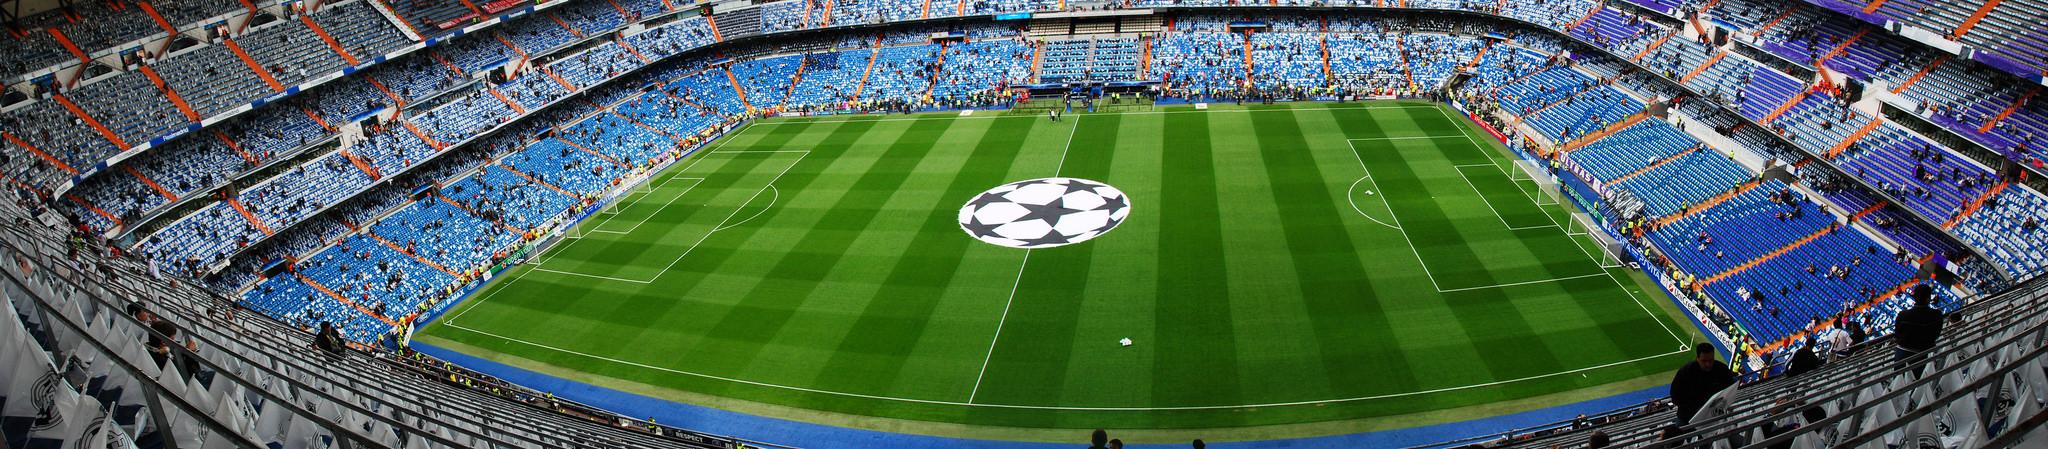 Champions League Group Stage Recap